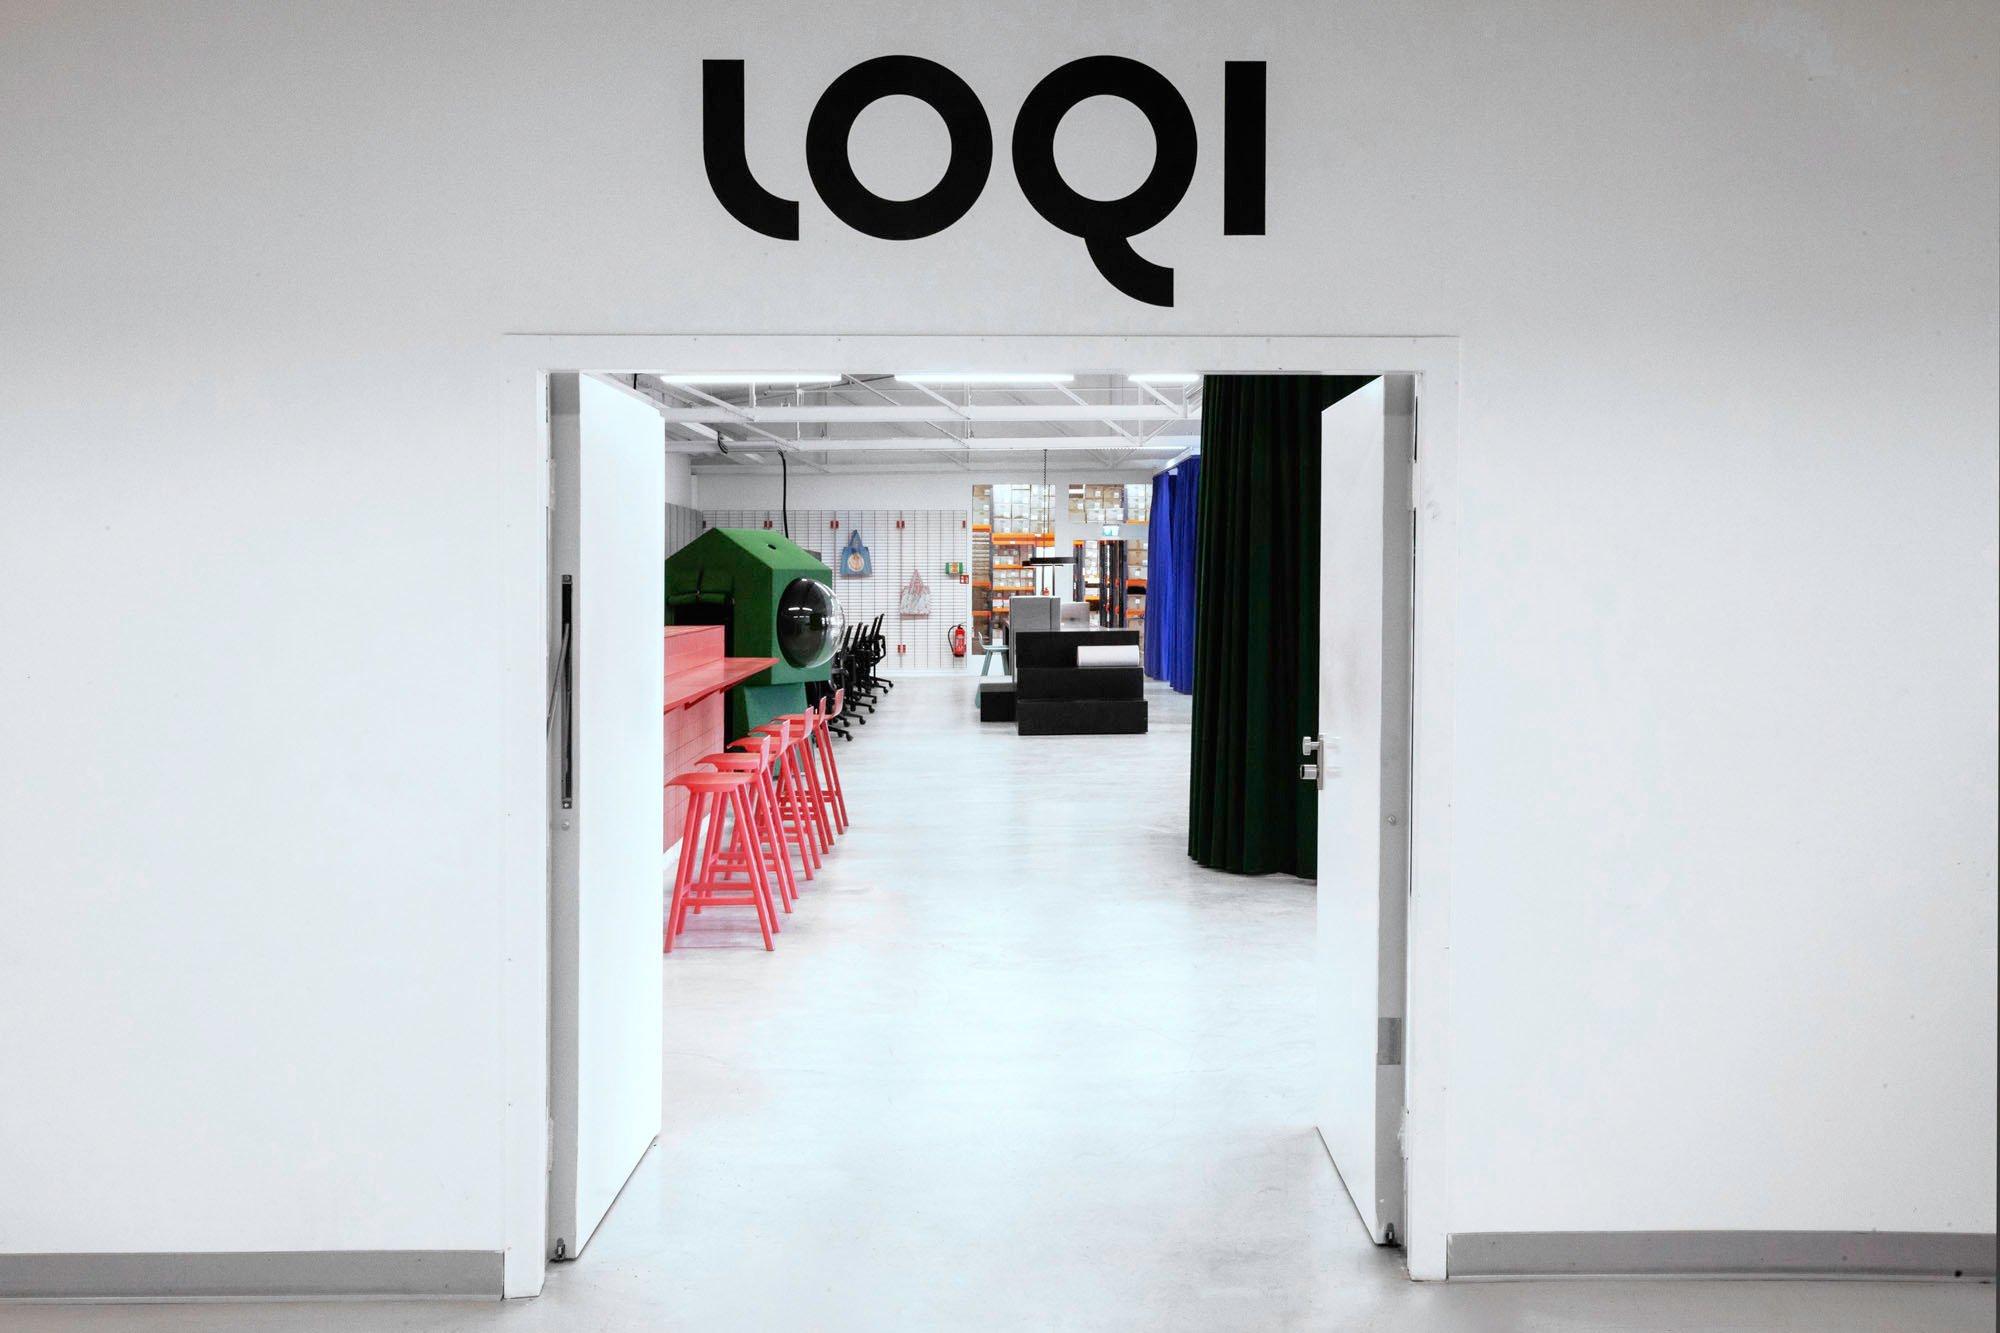 Das Unternehmen LOQI – der Name ist eine Kombination aus Locus, dem lateinischen Wort für Ort, und dem chinesischen Qi, das für Energie, Atem oder Luft steht – hat Bekanntheit über Kooperationen mit großen Museen gelegt. Über 300 Kunstwerke aus dem Louvre, der Tate Gallery oder der Guggenheim Collection prangen auf Taschen – und jetzt auch Mund-Nasen-Masken.